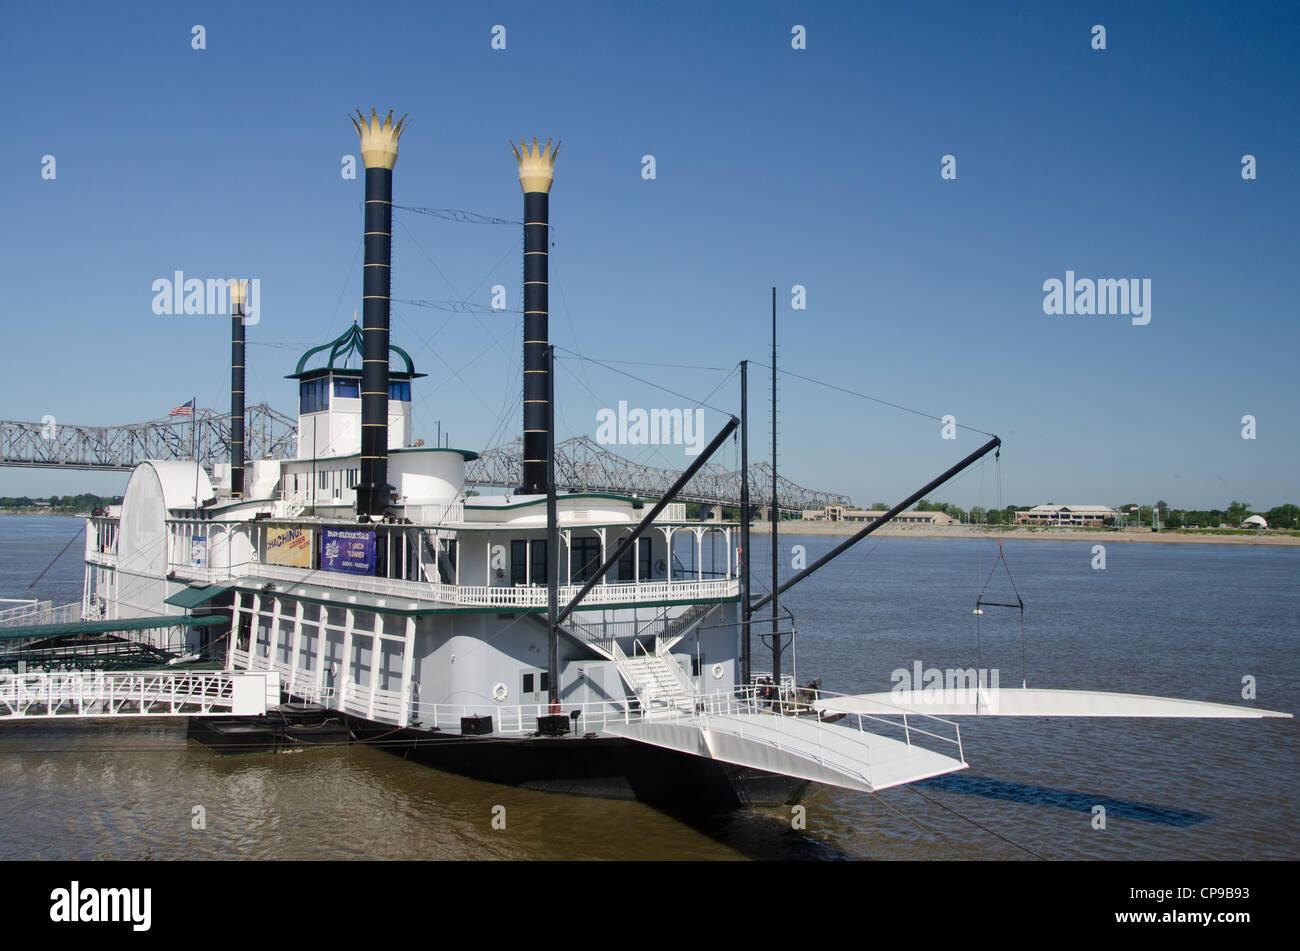 the boat casino